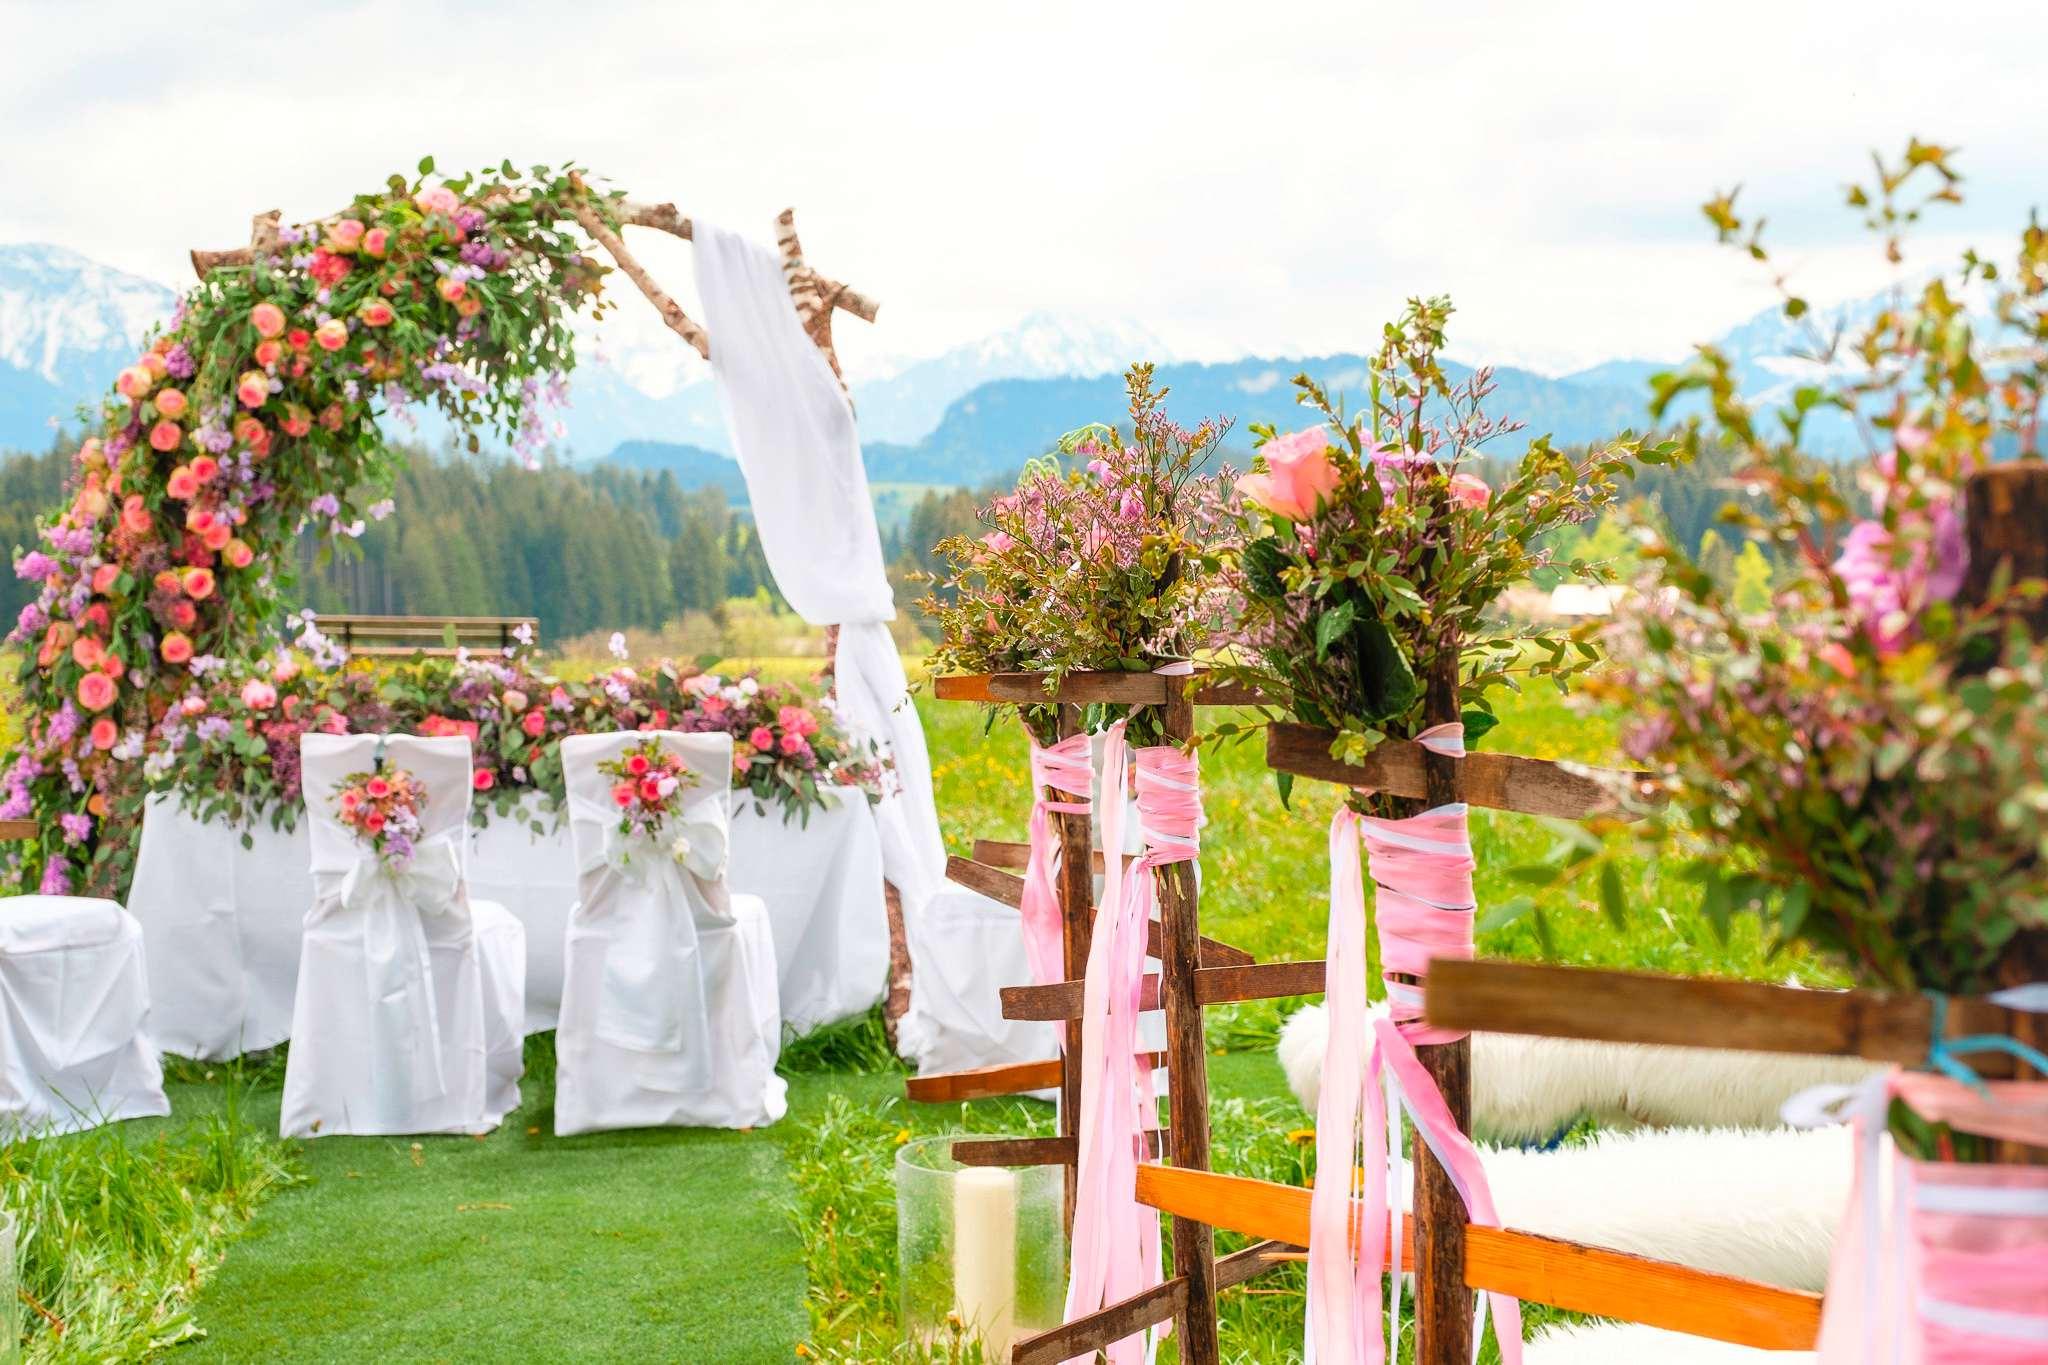 Freie Trauung im Hochzeitshotel Sonnenalp Resort vor einem Bergpanorama